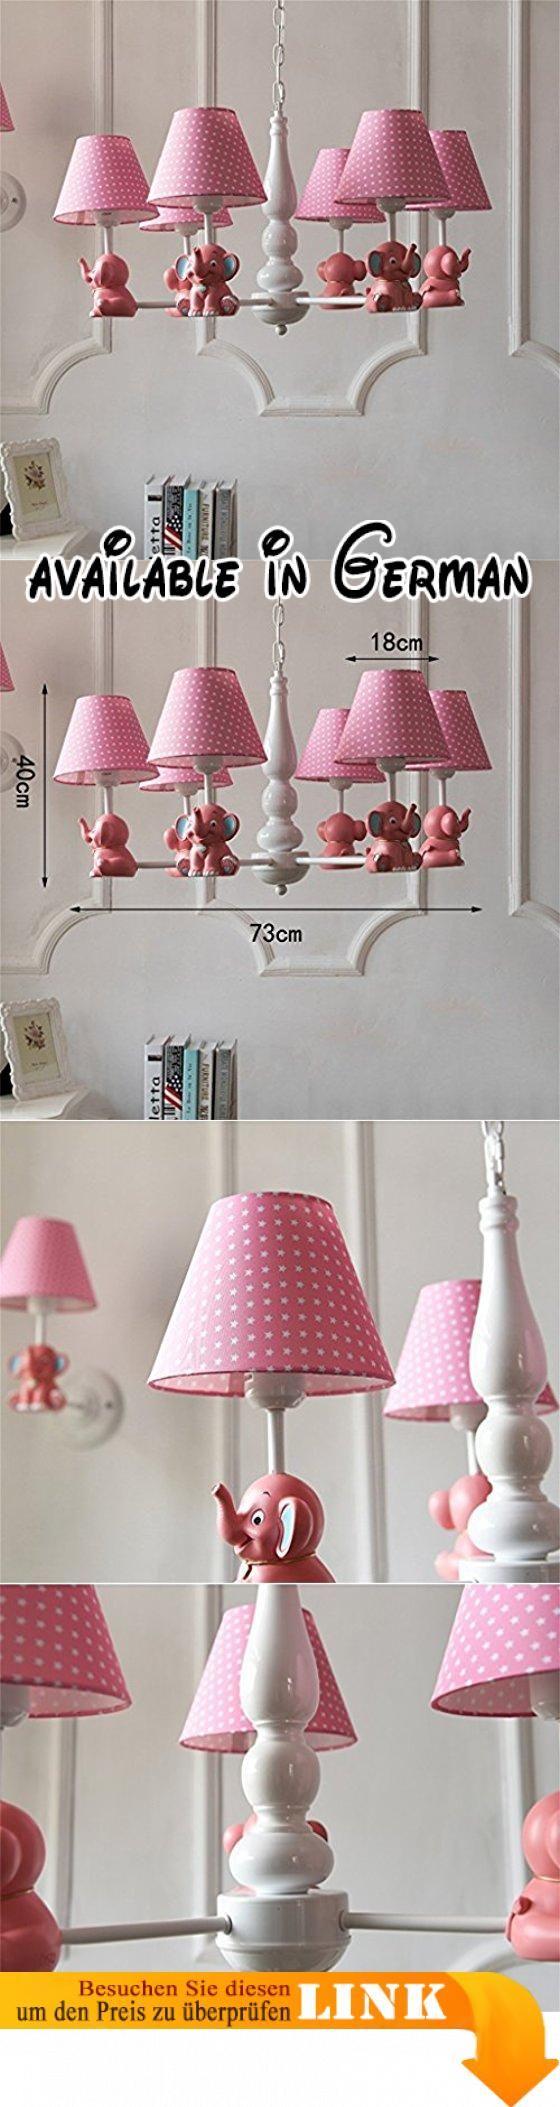 Nordic Pastorale SmElephant Einfache Kreative Europäische Junge Mädchen  Kinderzimmer Schlafzimmer Tuch LampIron Kronleuchter (Farbe: Pink 6 Kopf).